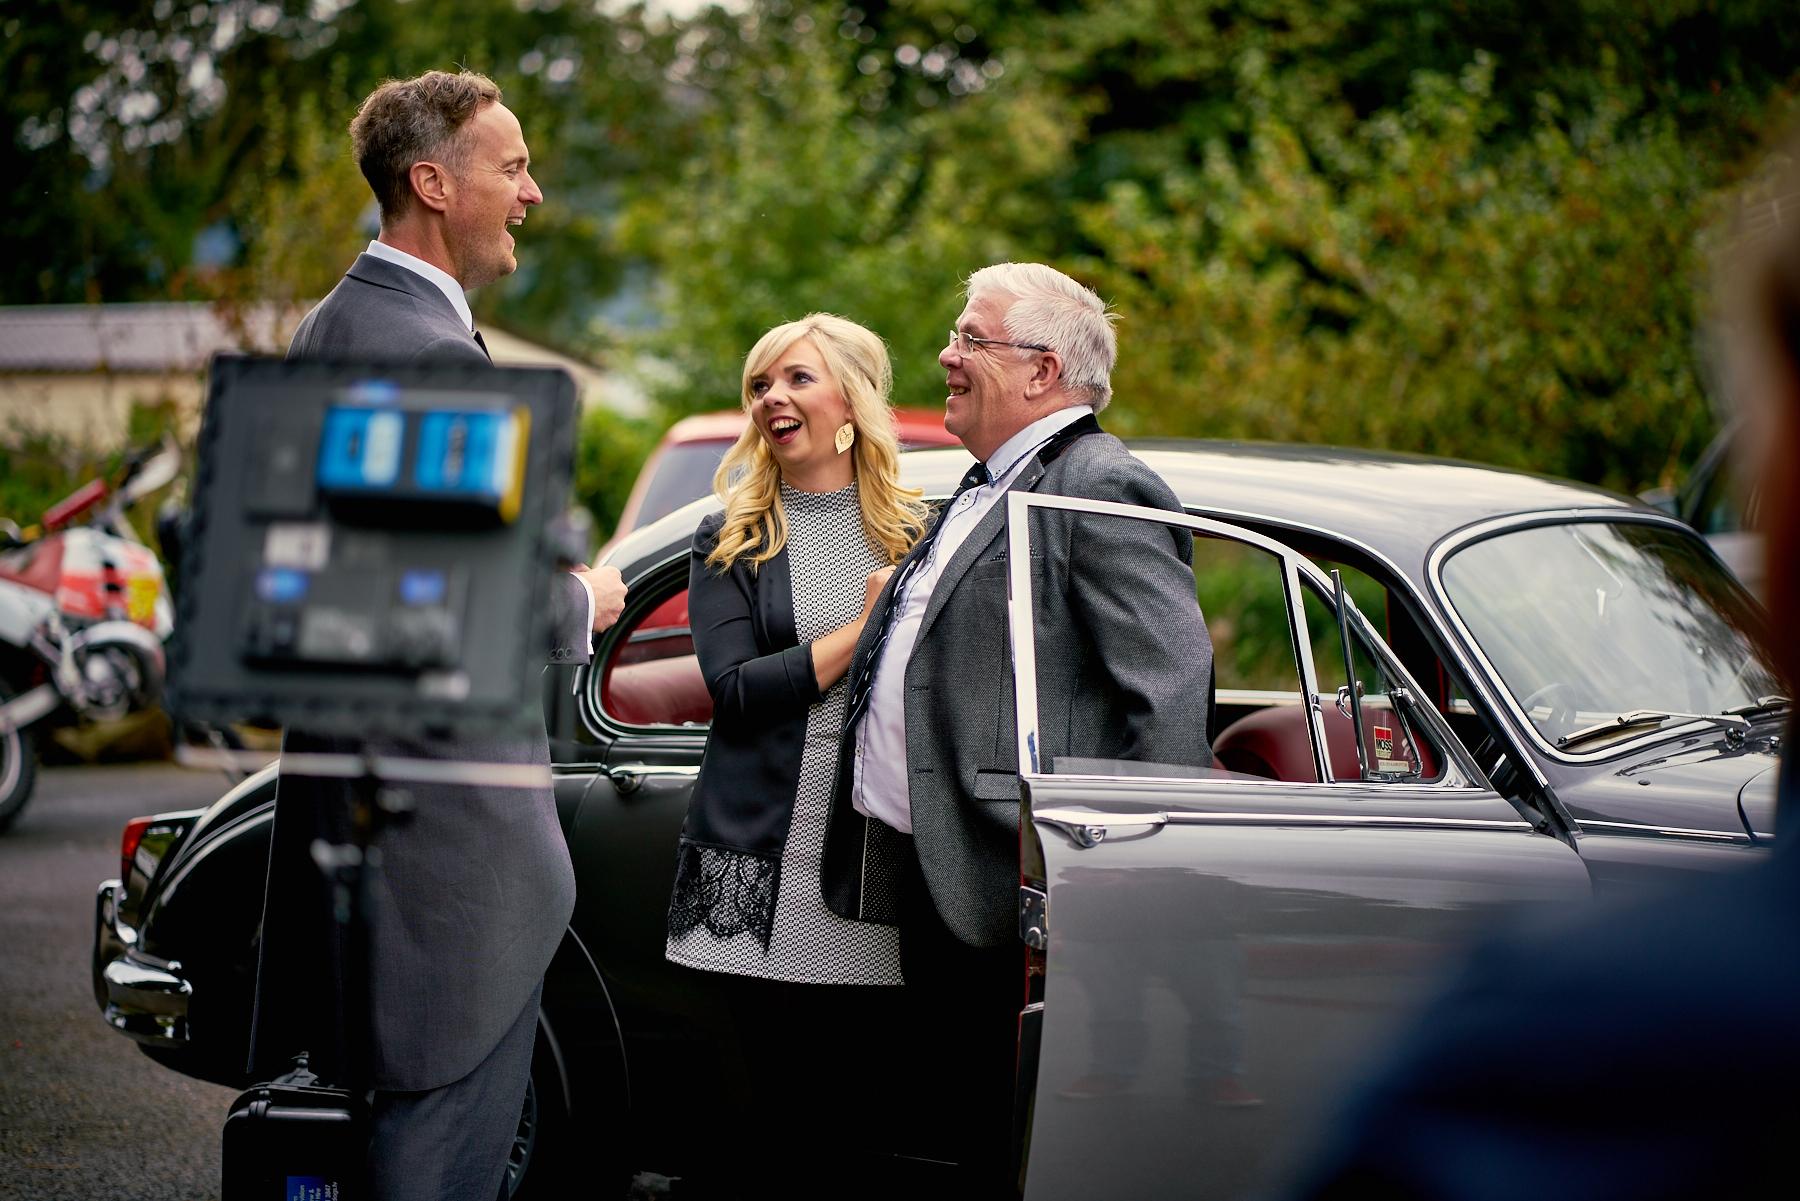 Maenan-Abbey-Wedding-Car-SOS_15